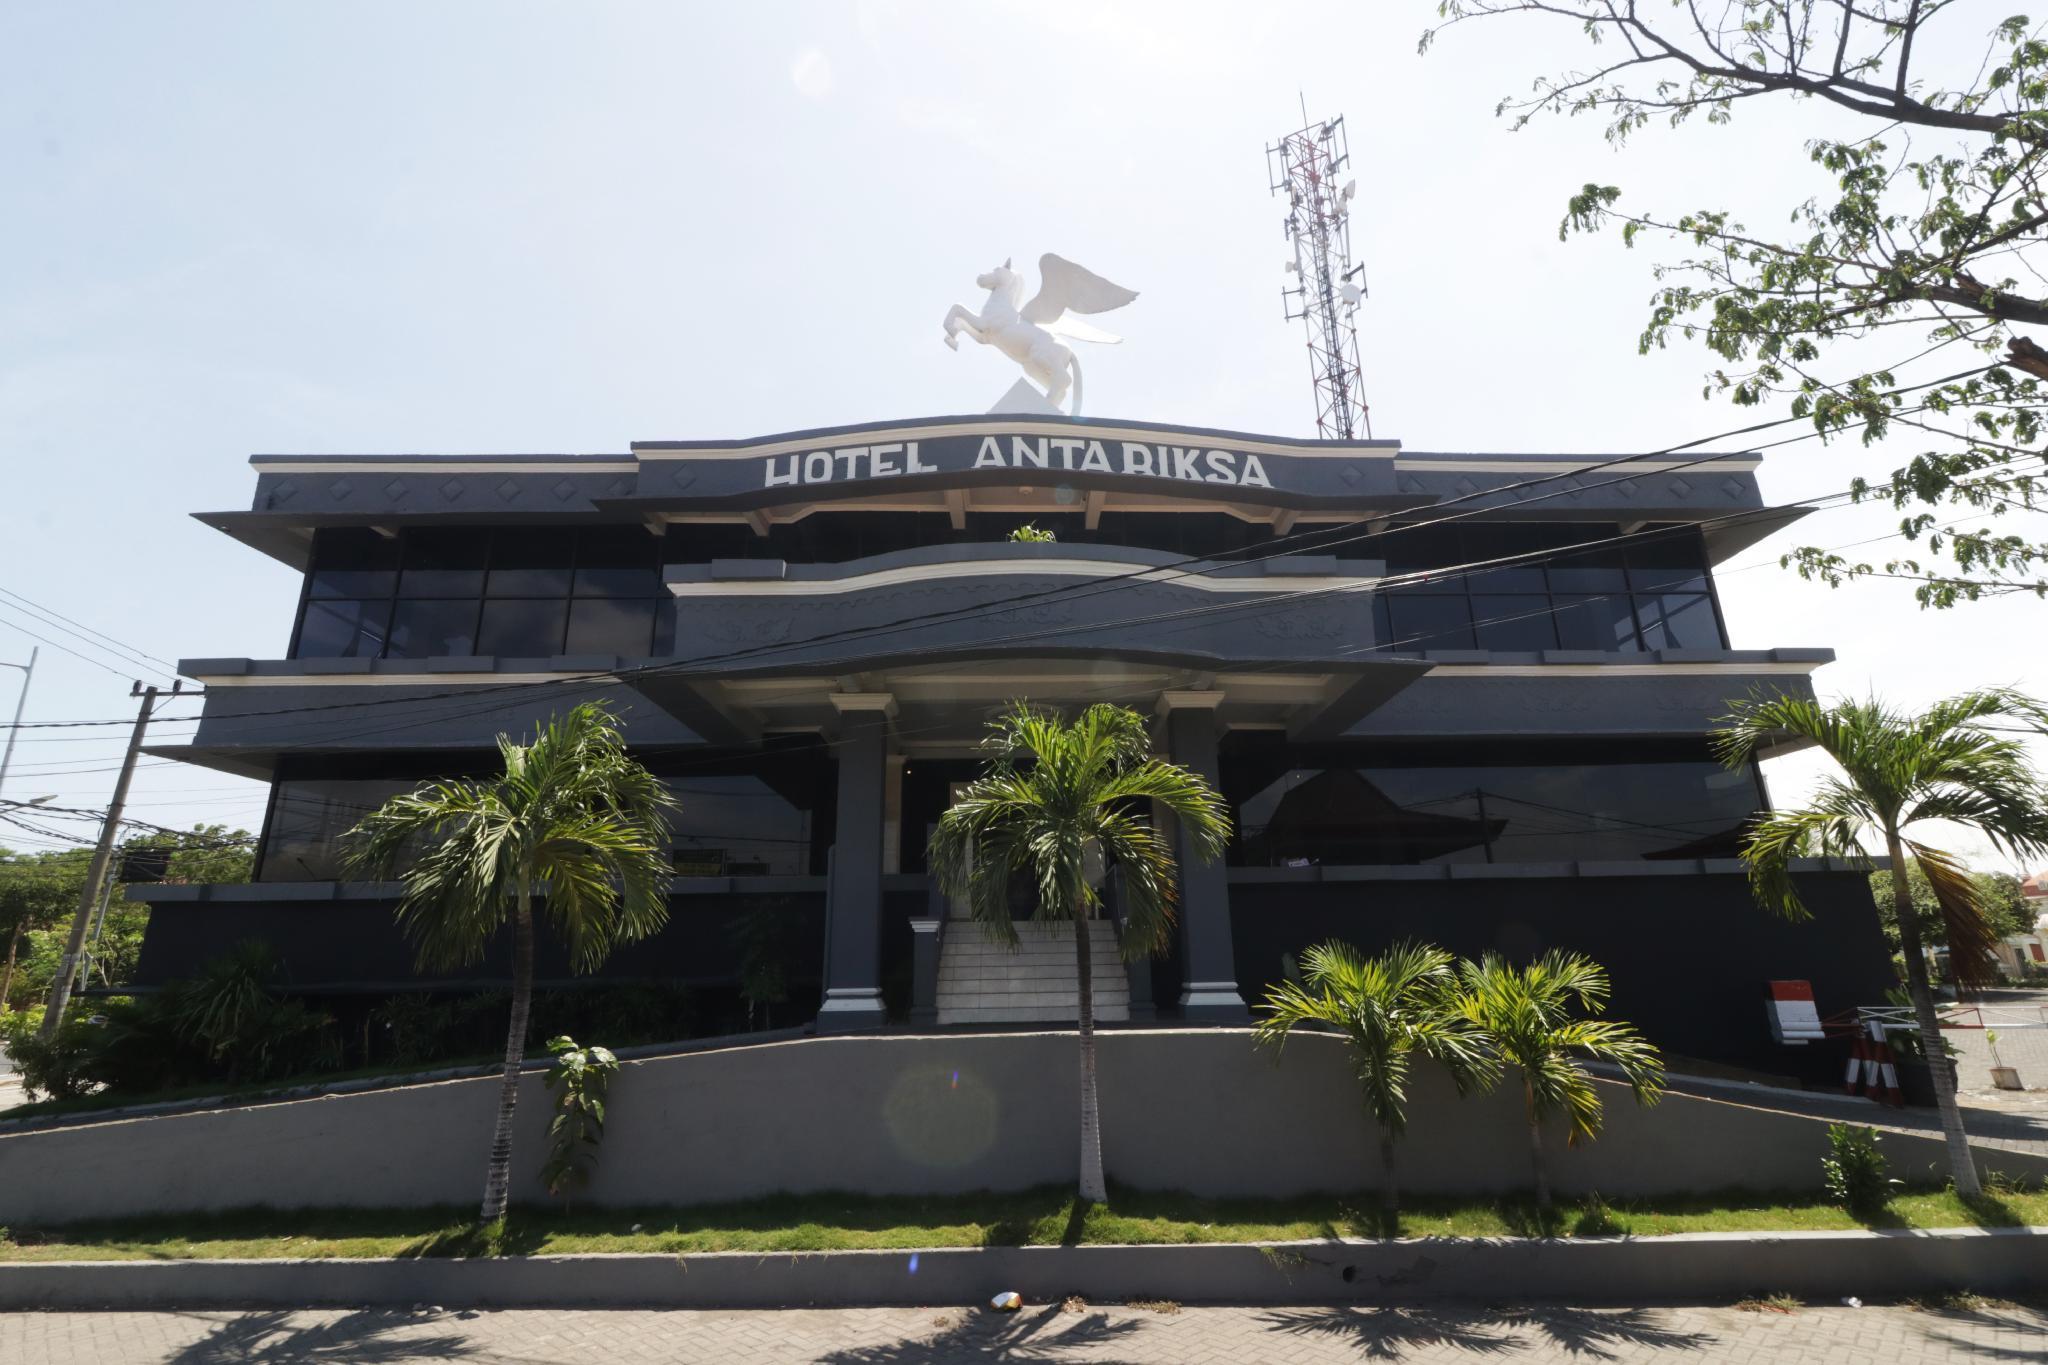 Hotel Antariksa